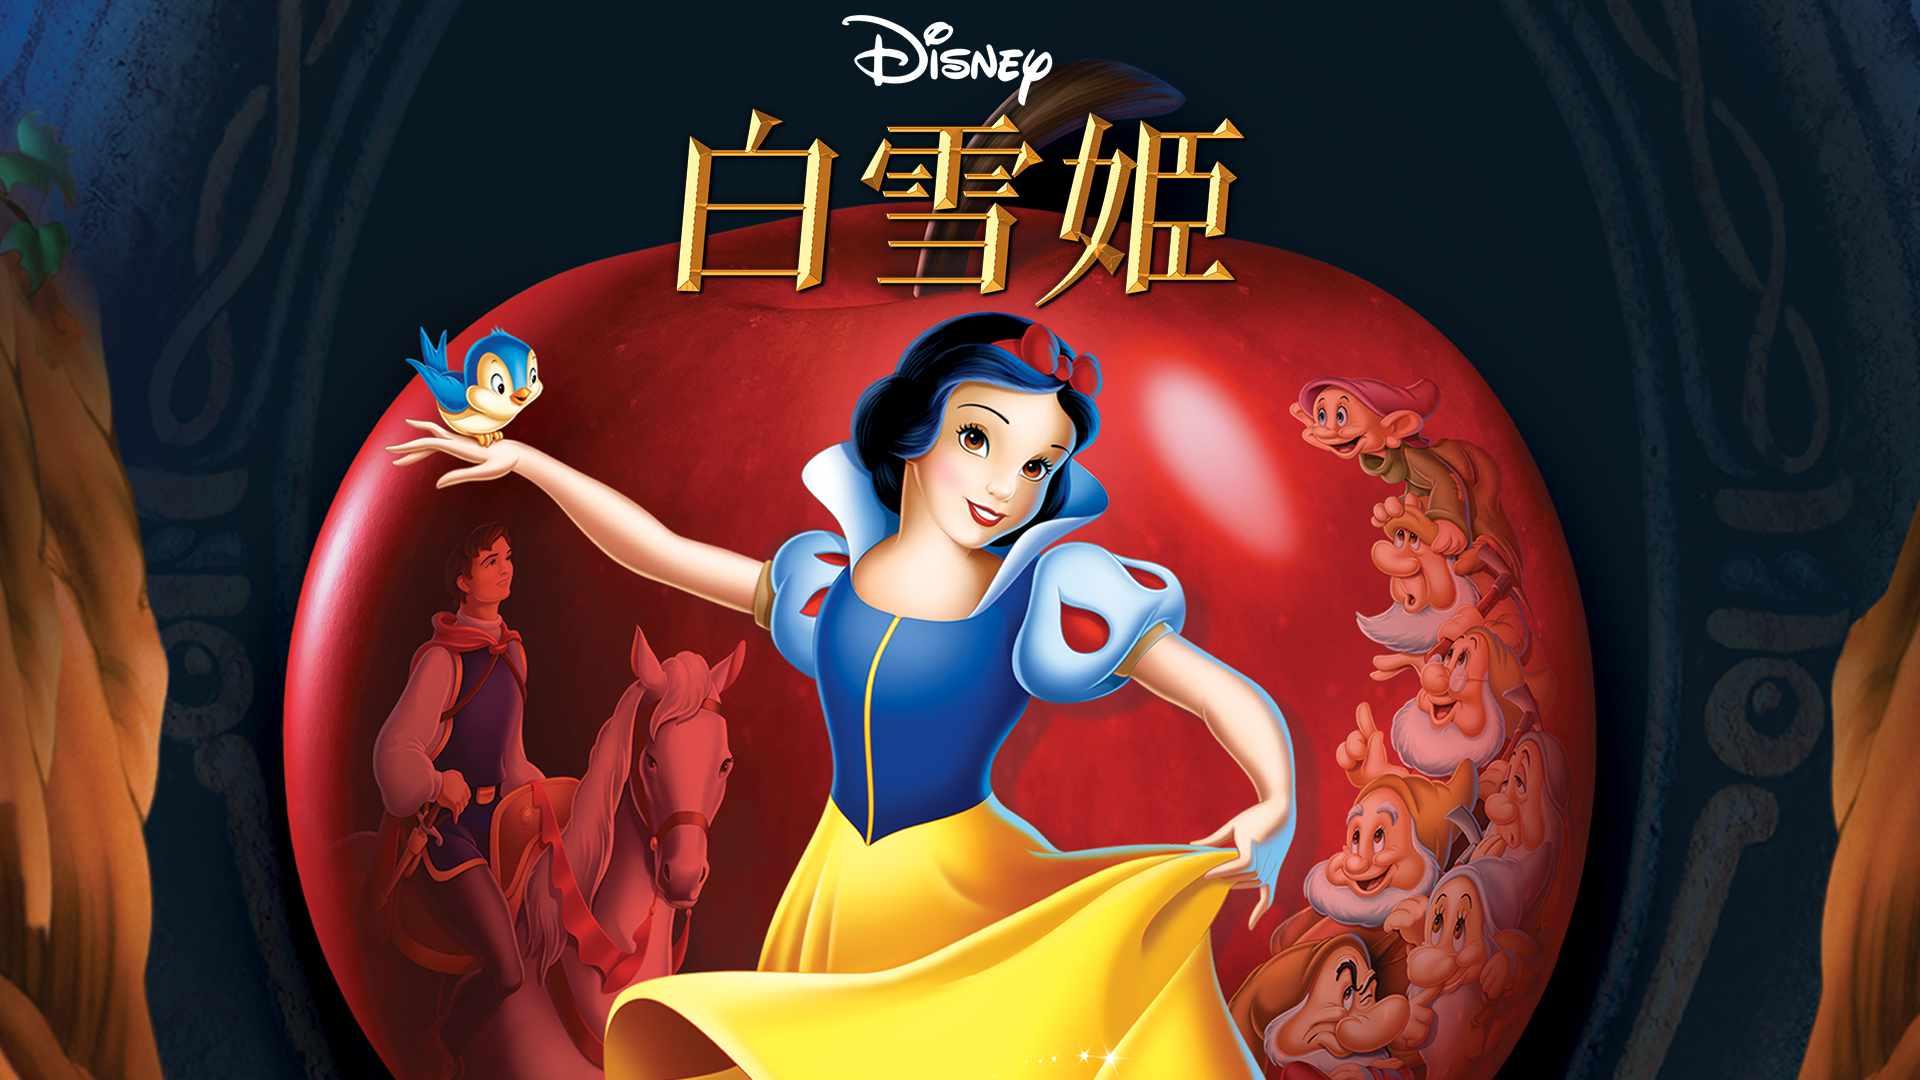 【ディズニー映画】『白雪姫』ネタバレ感想・解説・考察|ディズニーと道楽とバカにされたマスターピース